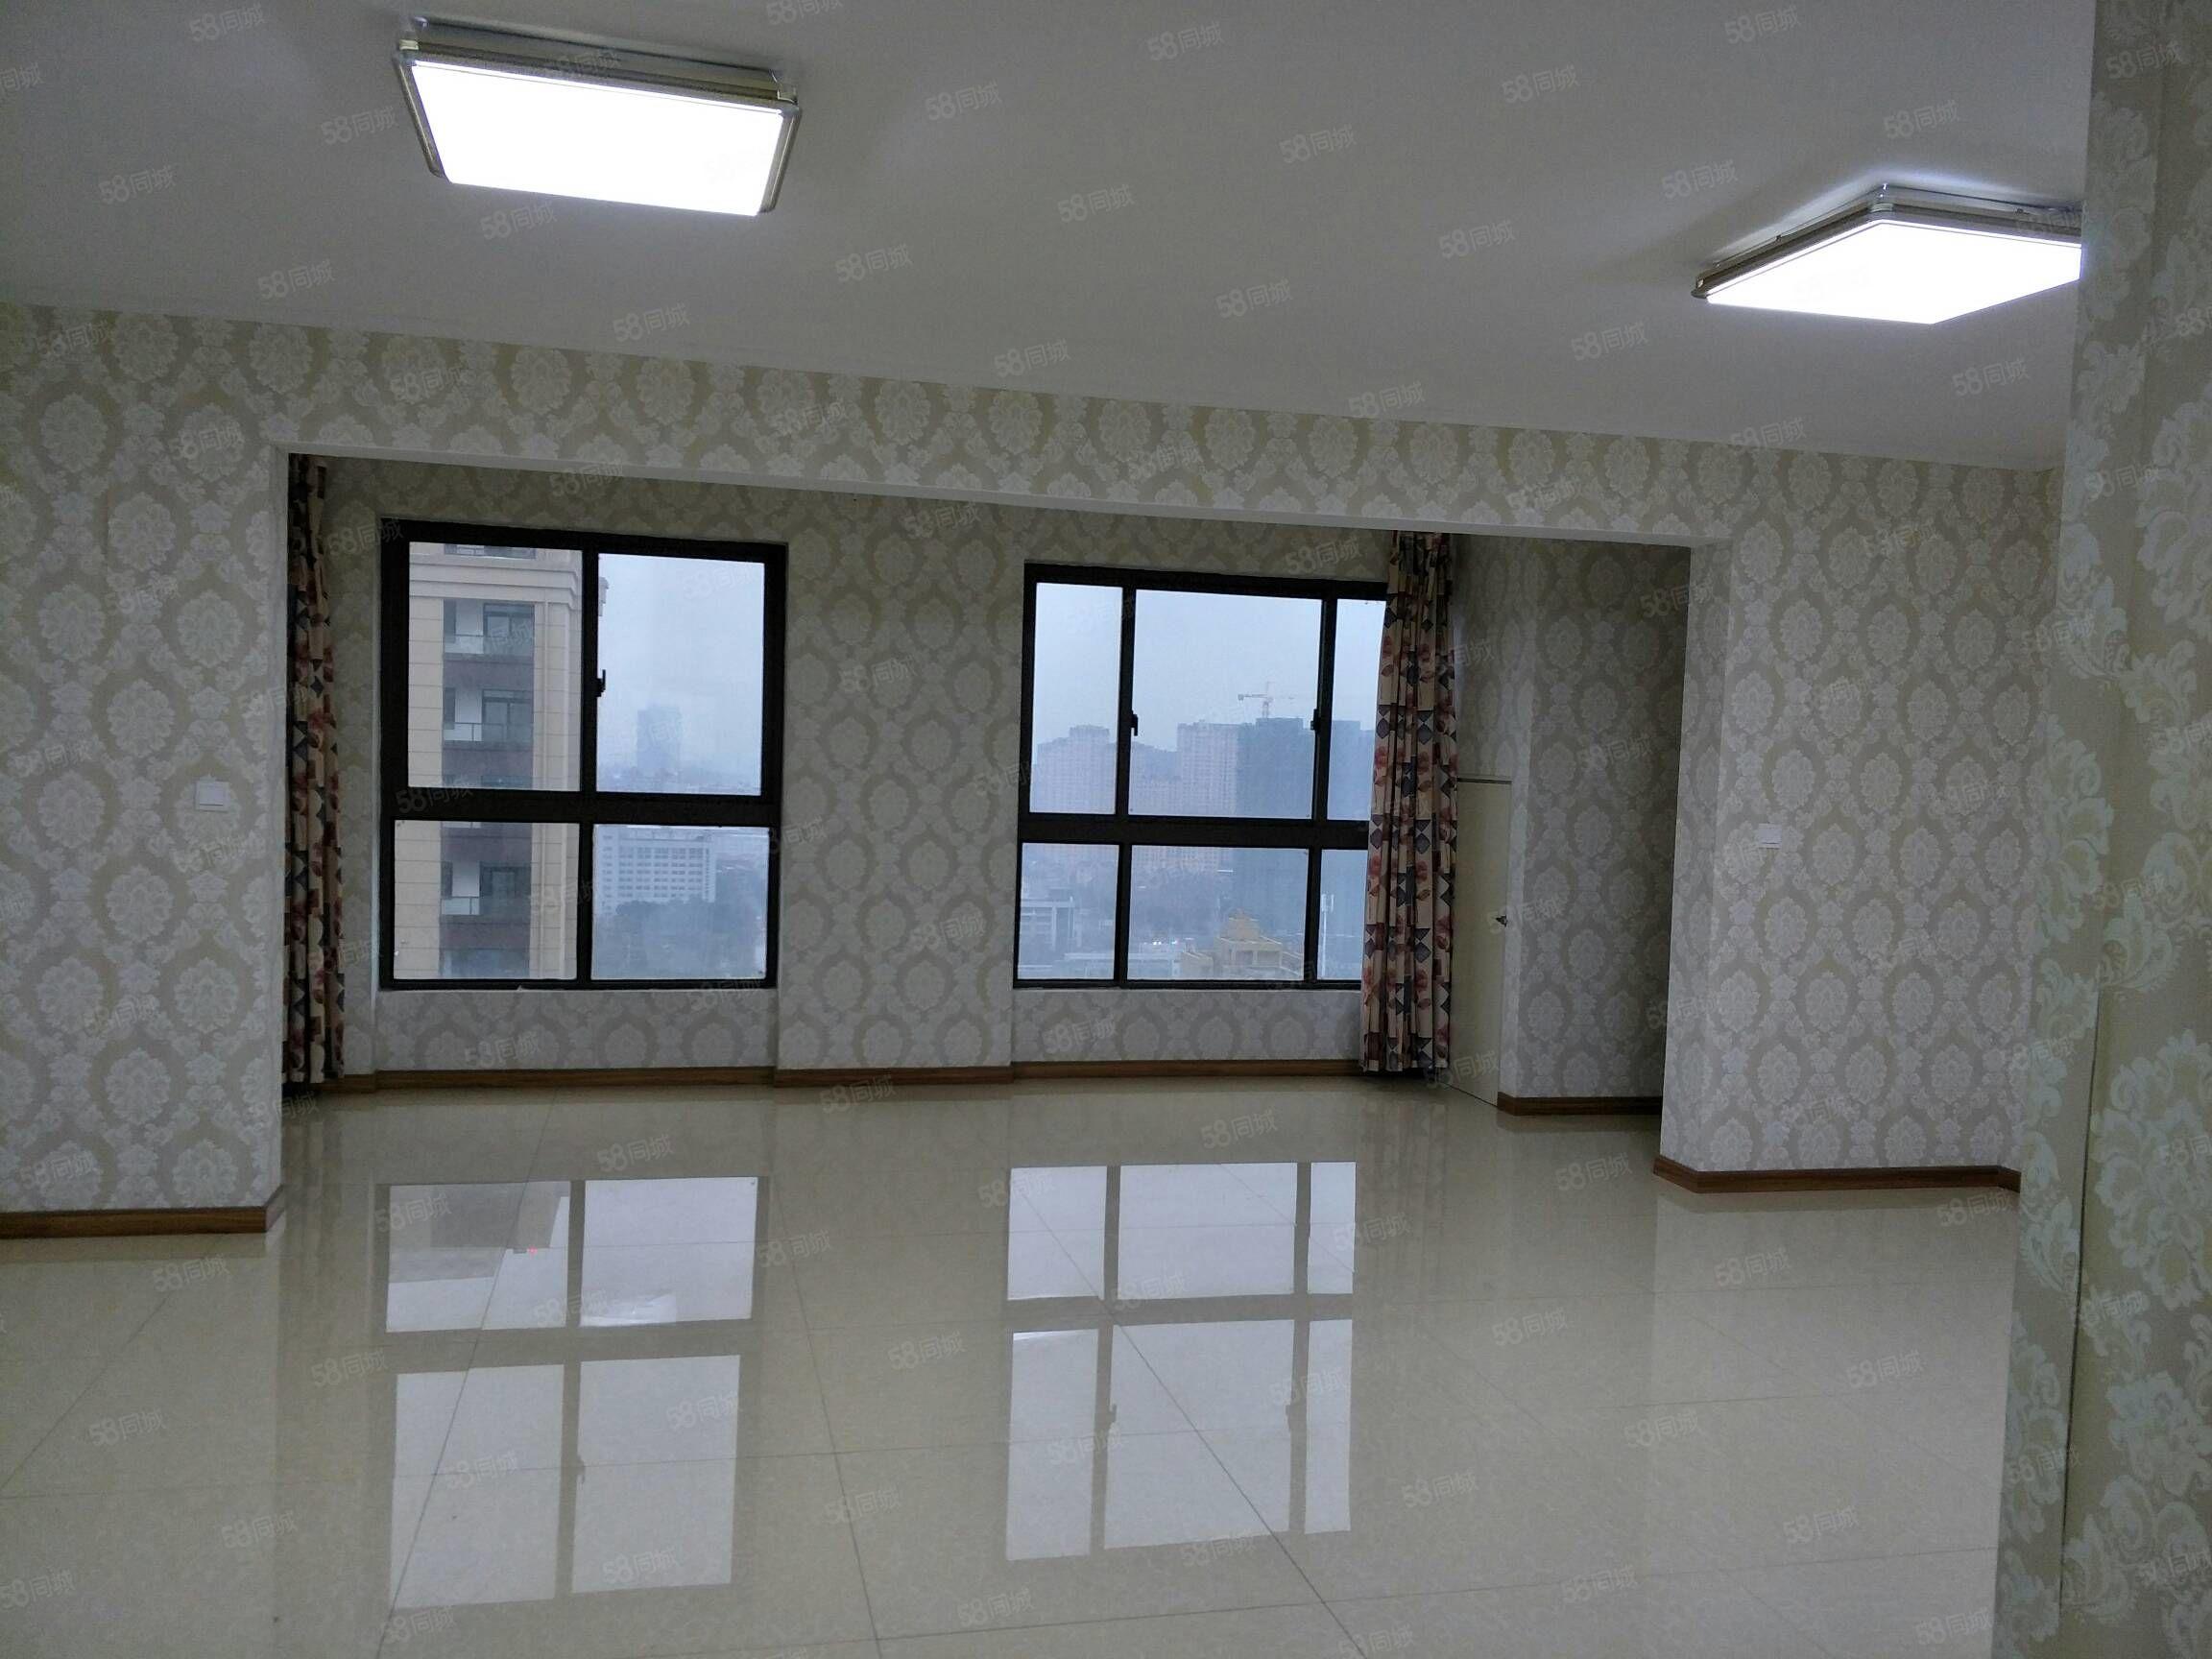 扬中公馆4室2厅2卫高层电梯房简装158平145万